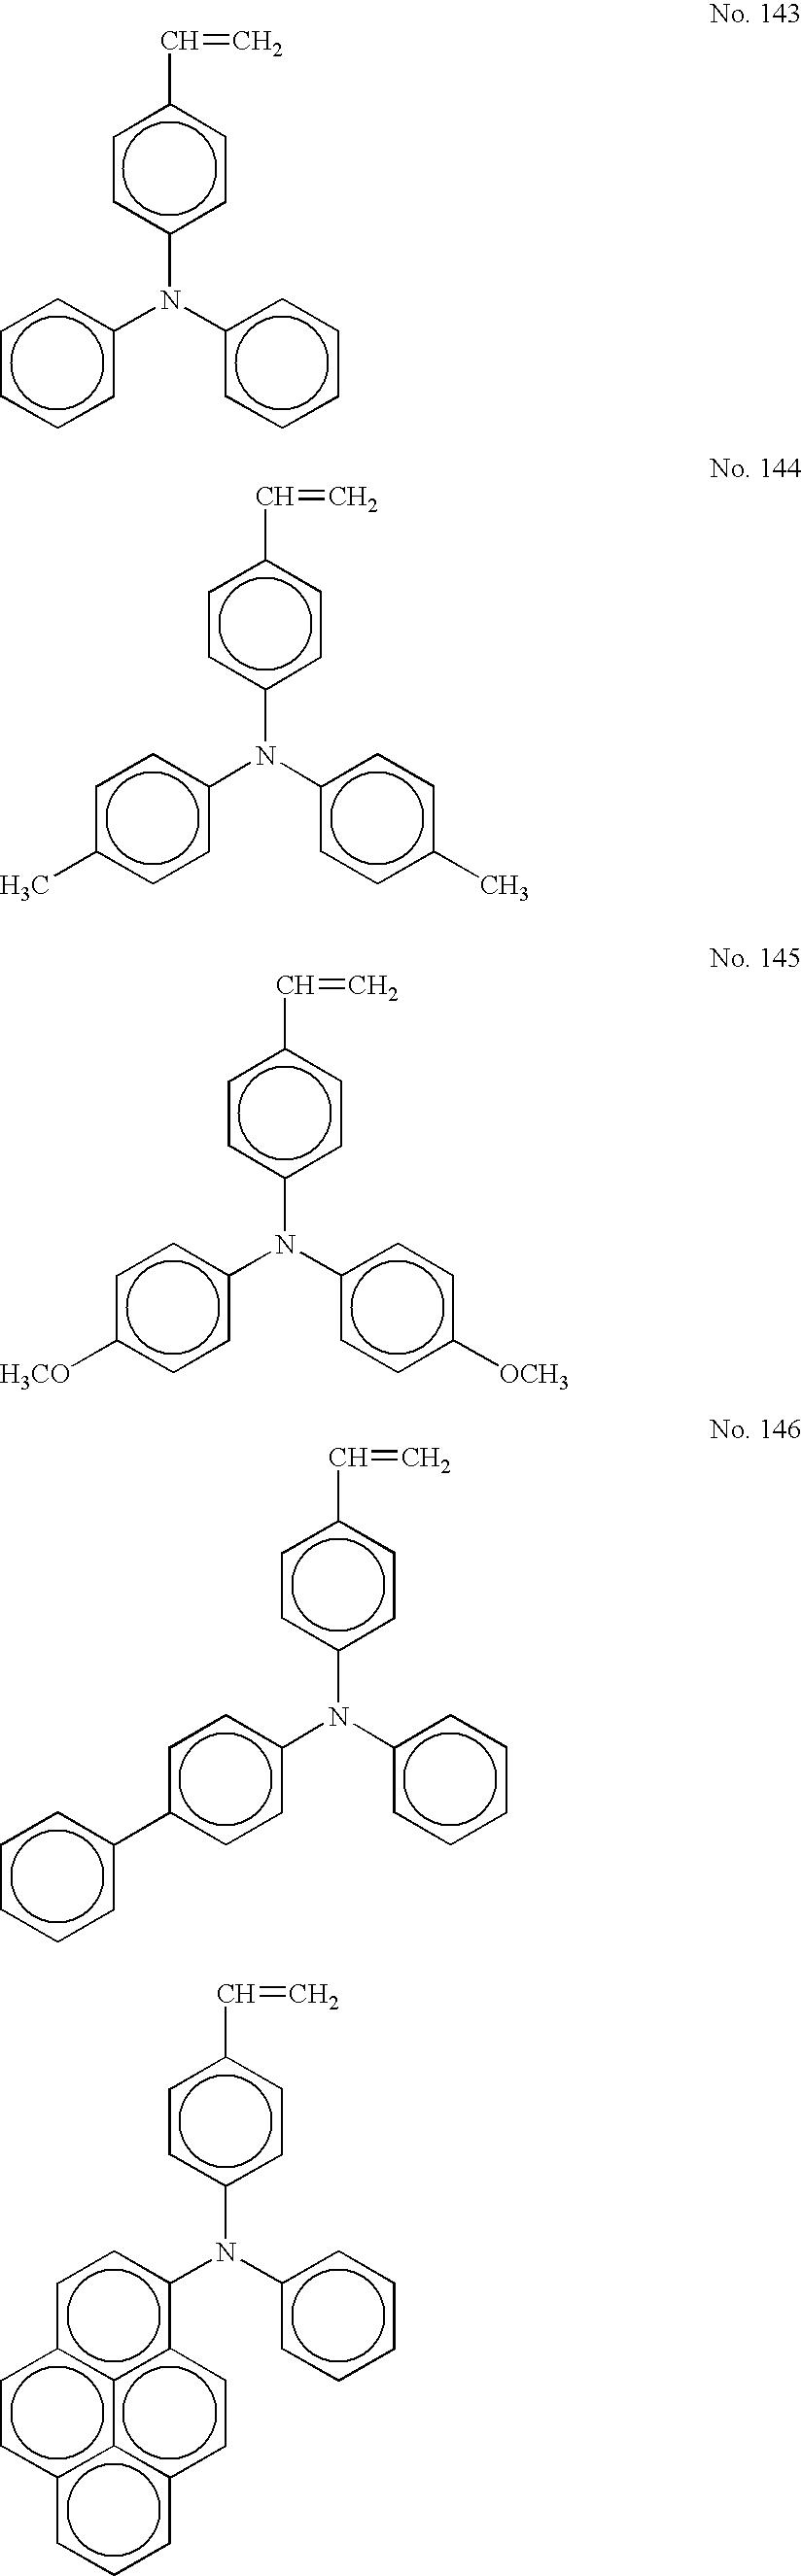 Figure US20070059619A1-20070315-C00047